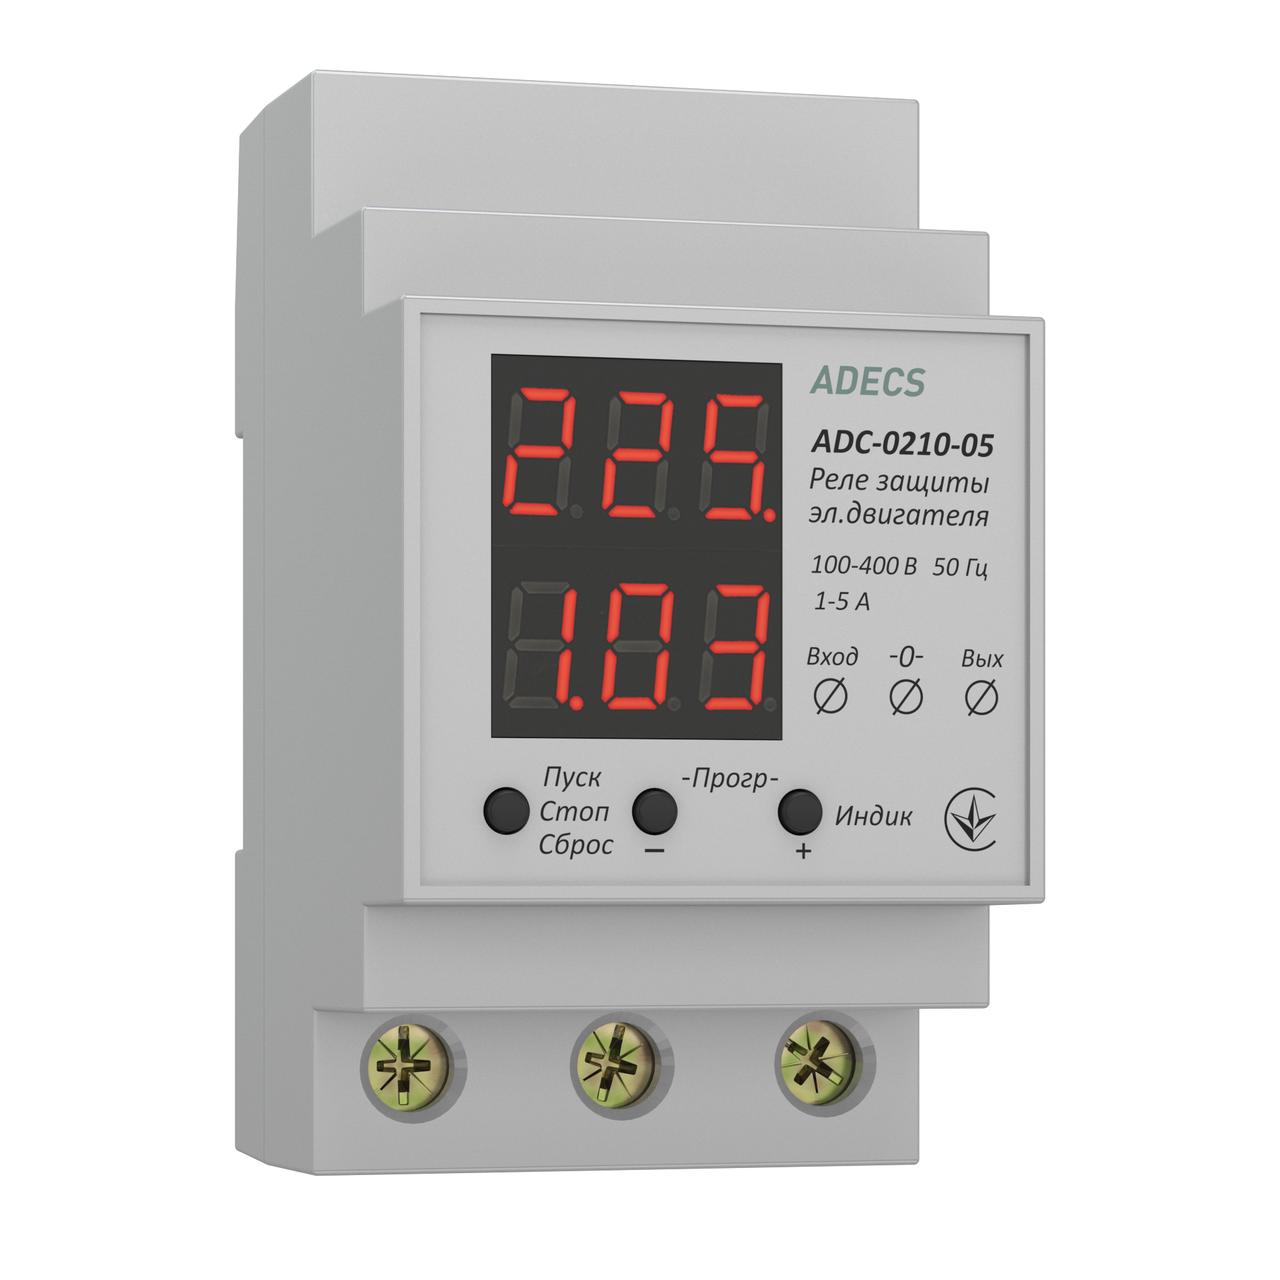 Реле защиты электродвигателей насосов ADECS ADC-0210-05